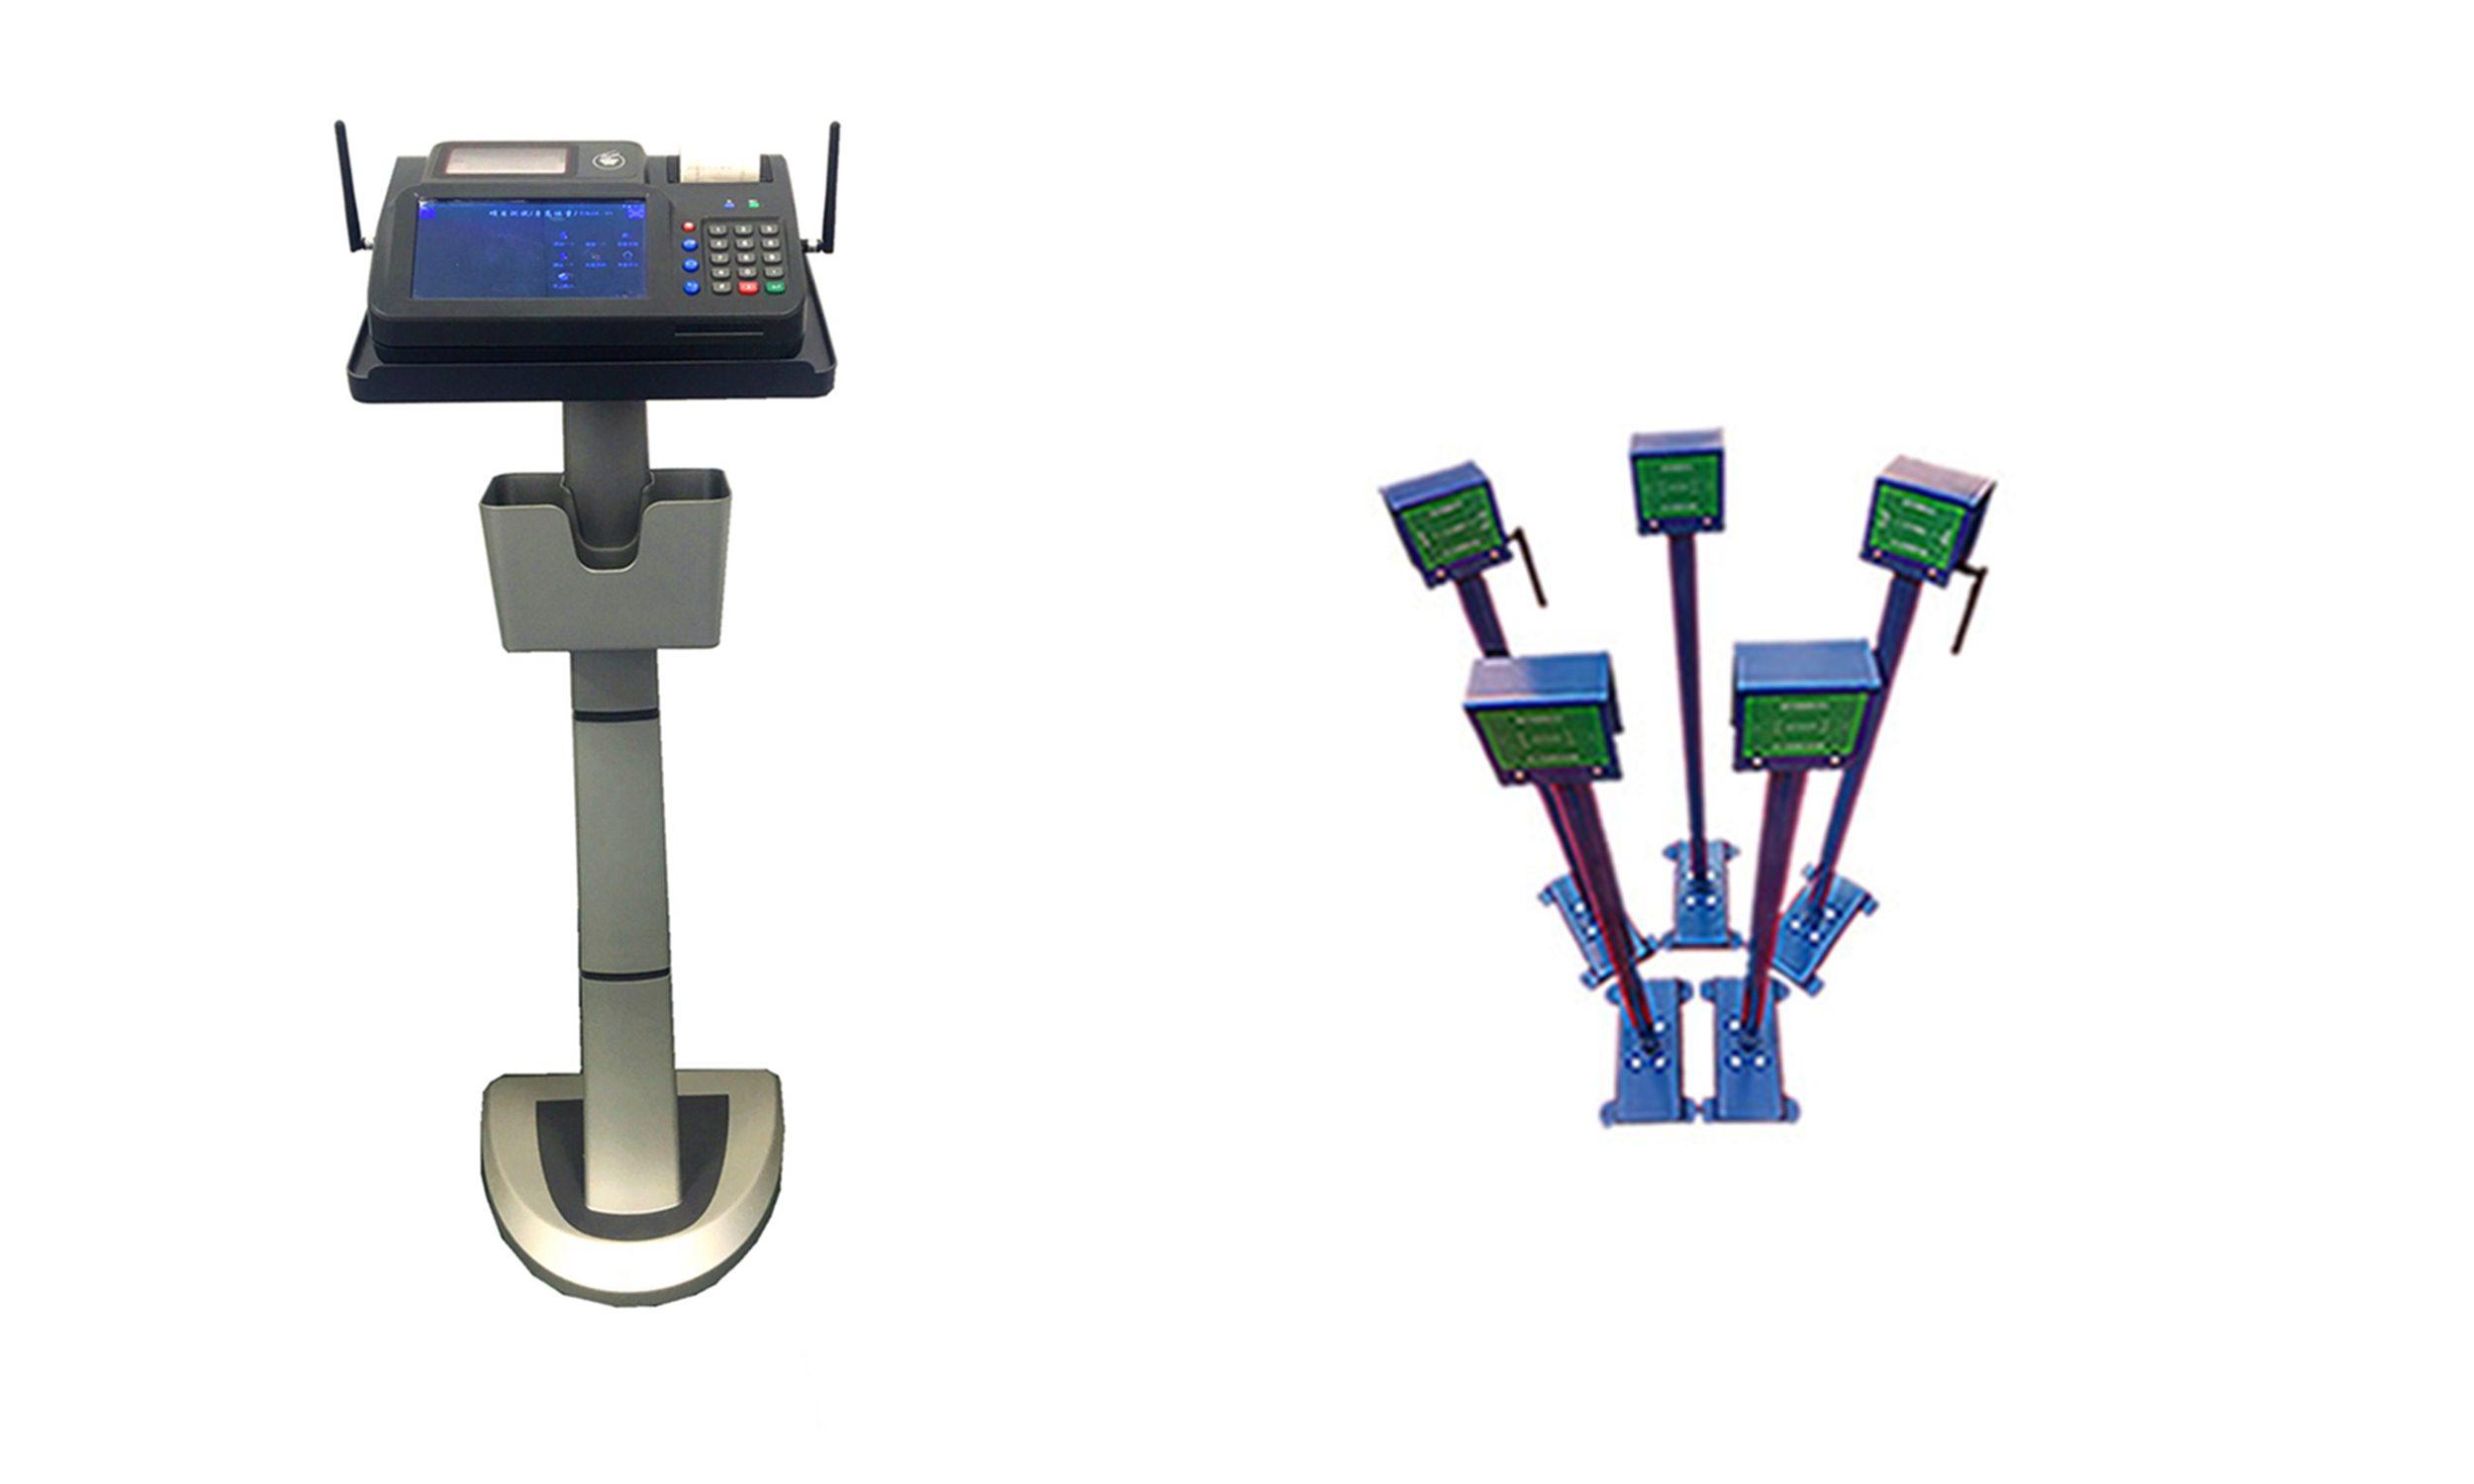 往返跑測試儀-體質健康測試儀,學生體質健康測試儀器,蛇形跑測試儀